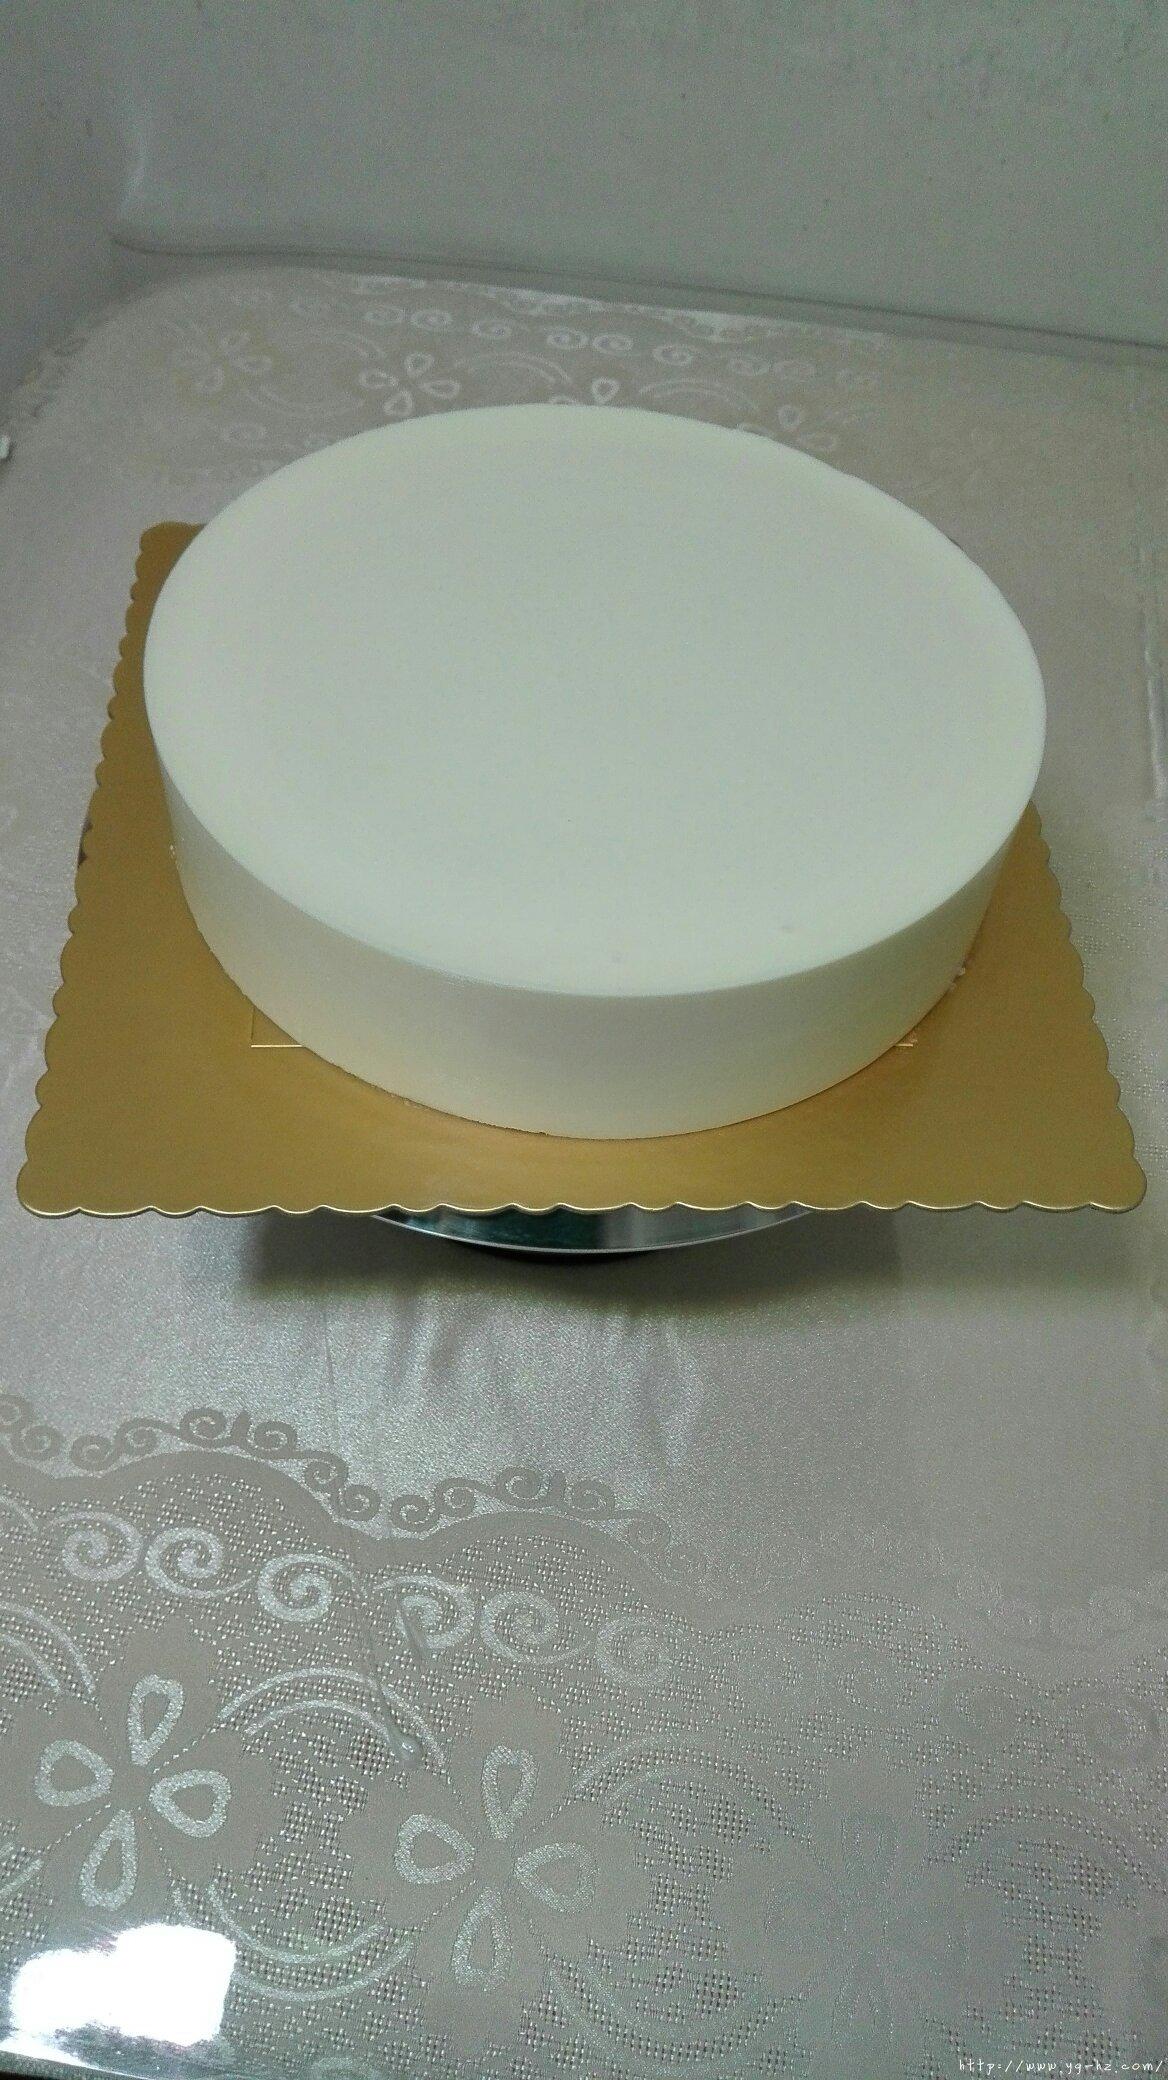 8寸原味酸奶慕斯蛋糕的做法 步骤6